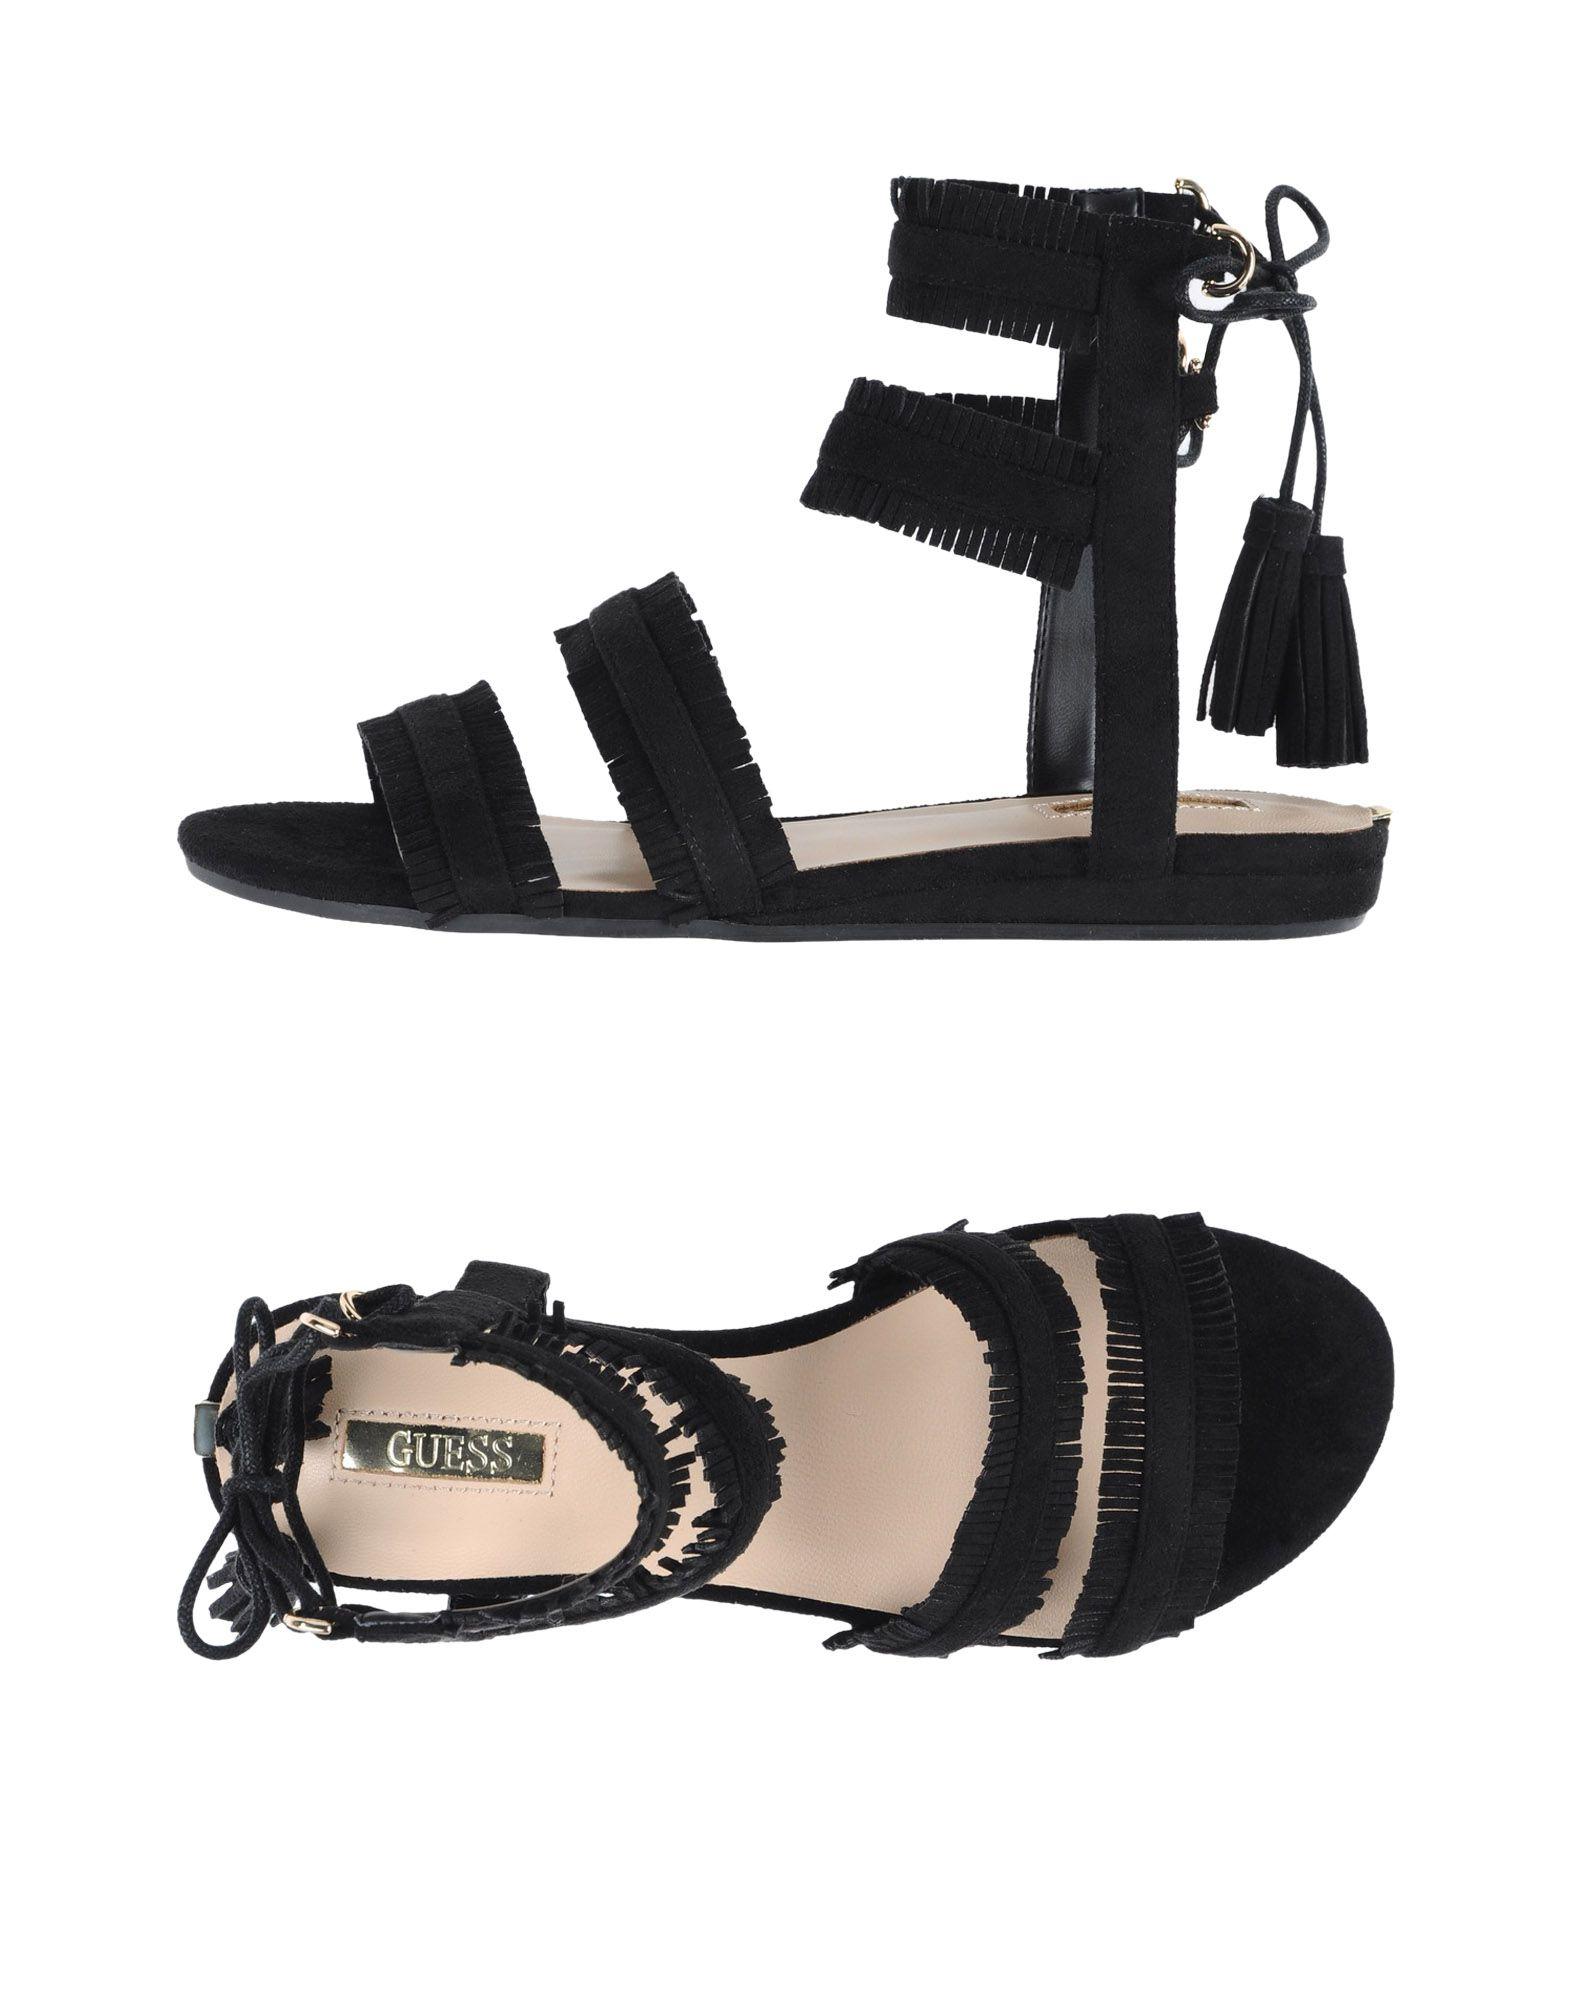 Guess Sandalen Qualität Damen  11335047XU Gute Qualität Sandalen beliebte Schuhe f324d7